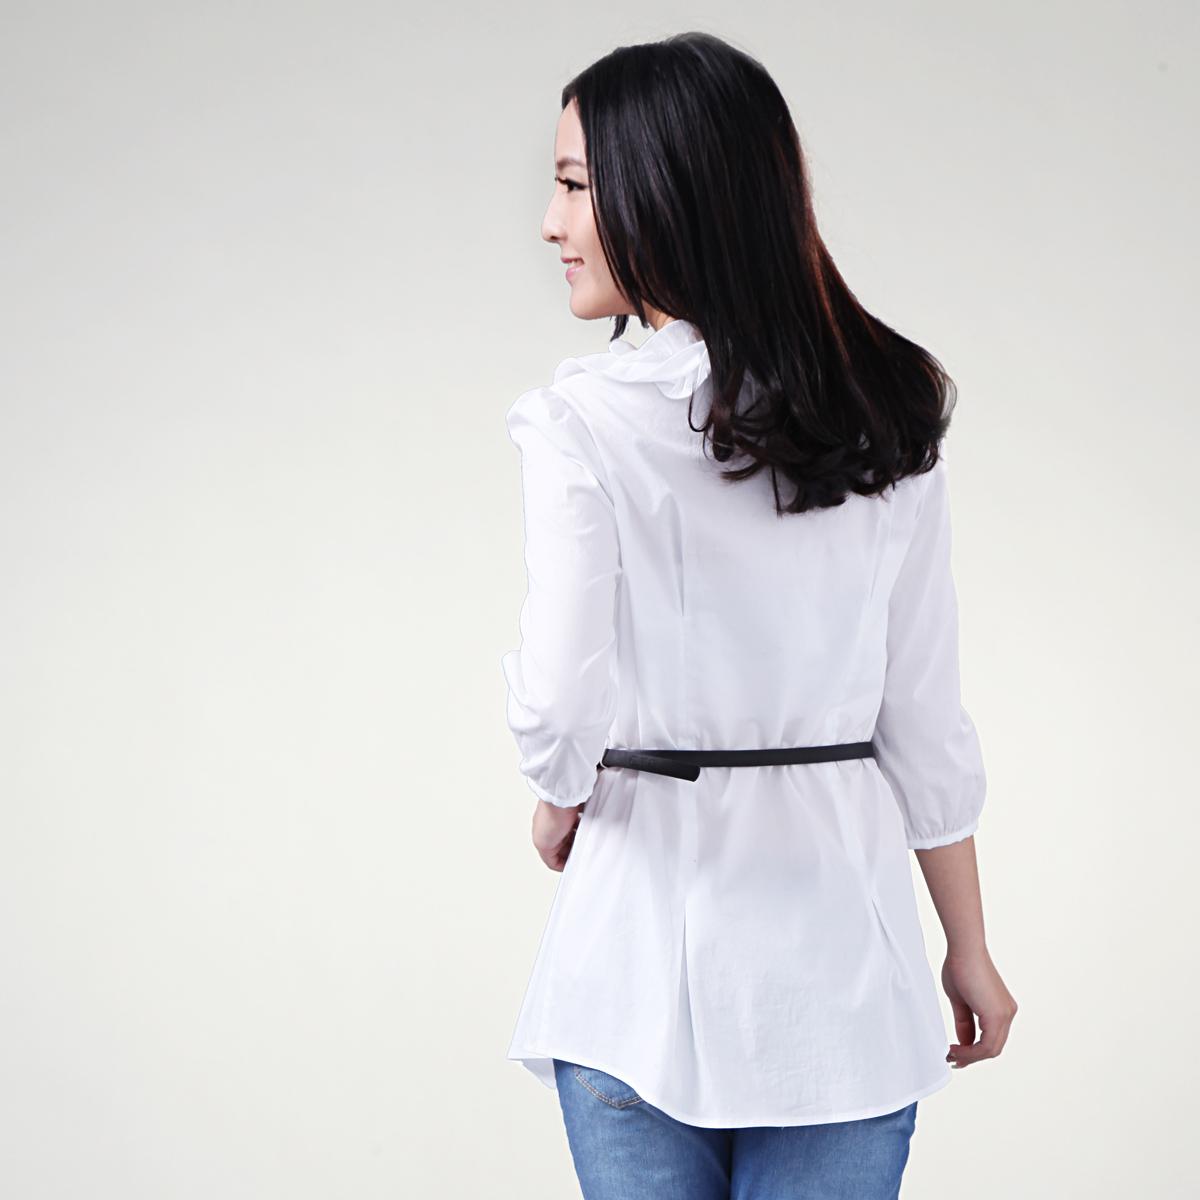 женская рубашка OSA sc10022 O.SA2011 Casual Однотонный цвет Оборка Круглый воротник